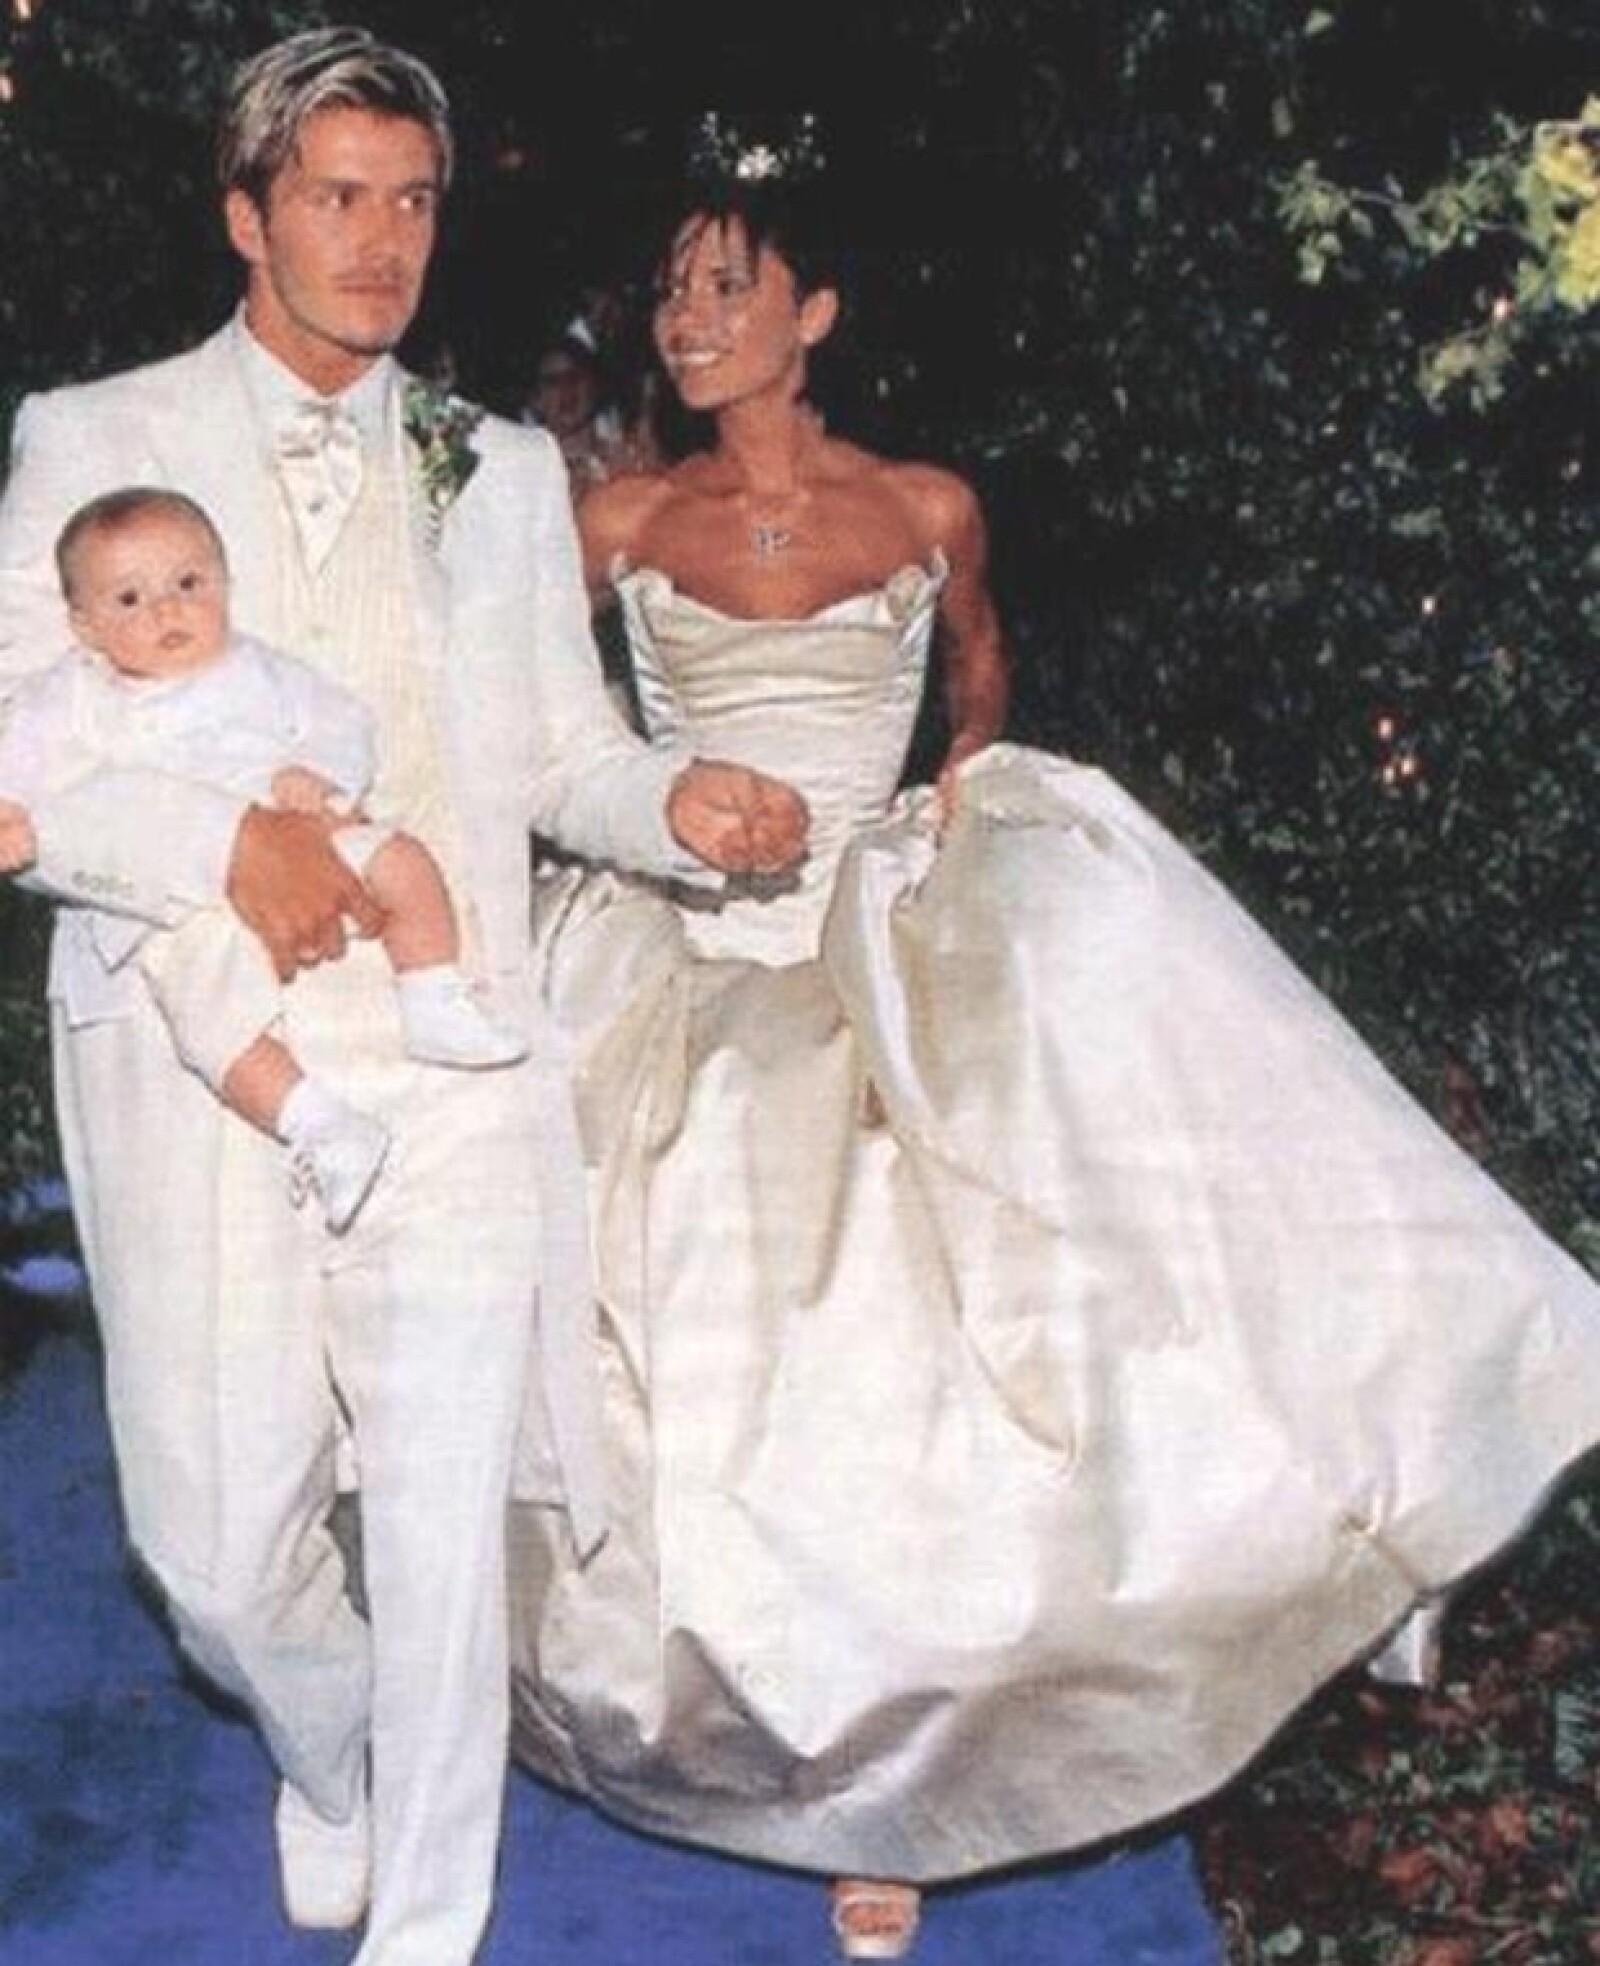 La pareja causó gran revuelo con su boda y su hijo Brooklyn los acompañó ese día especial.